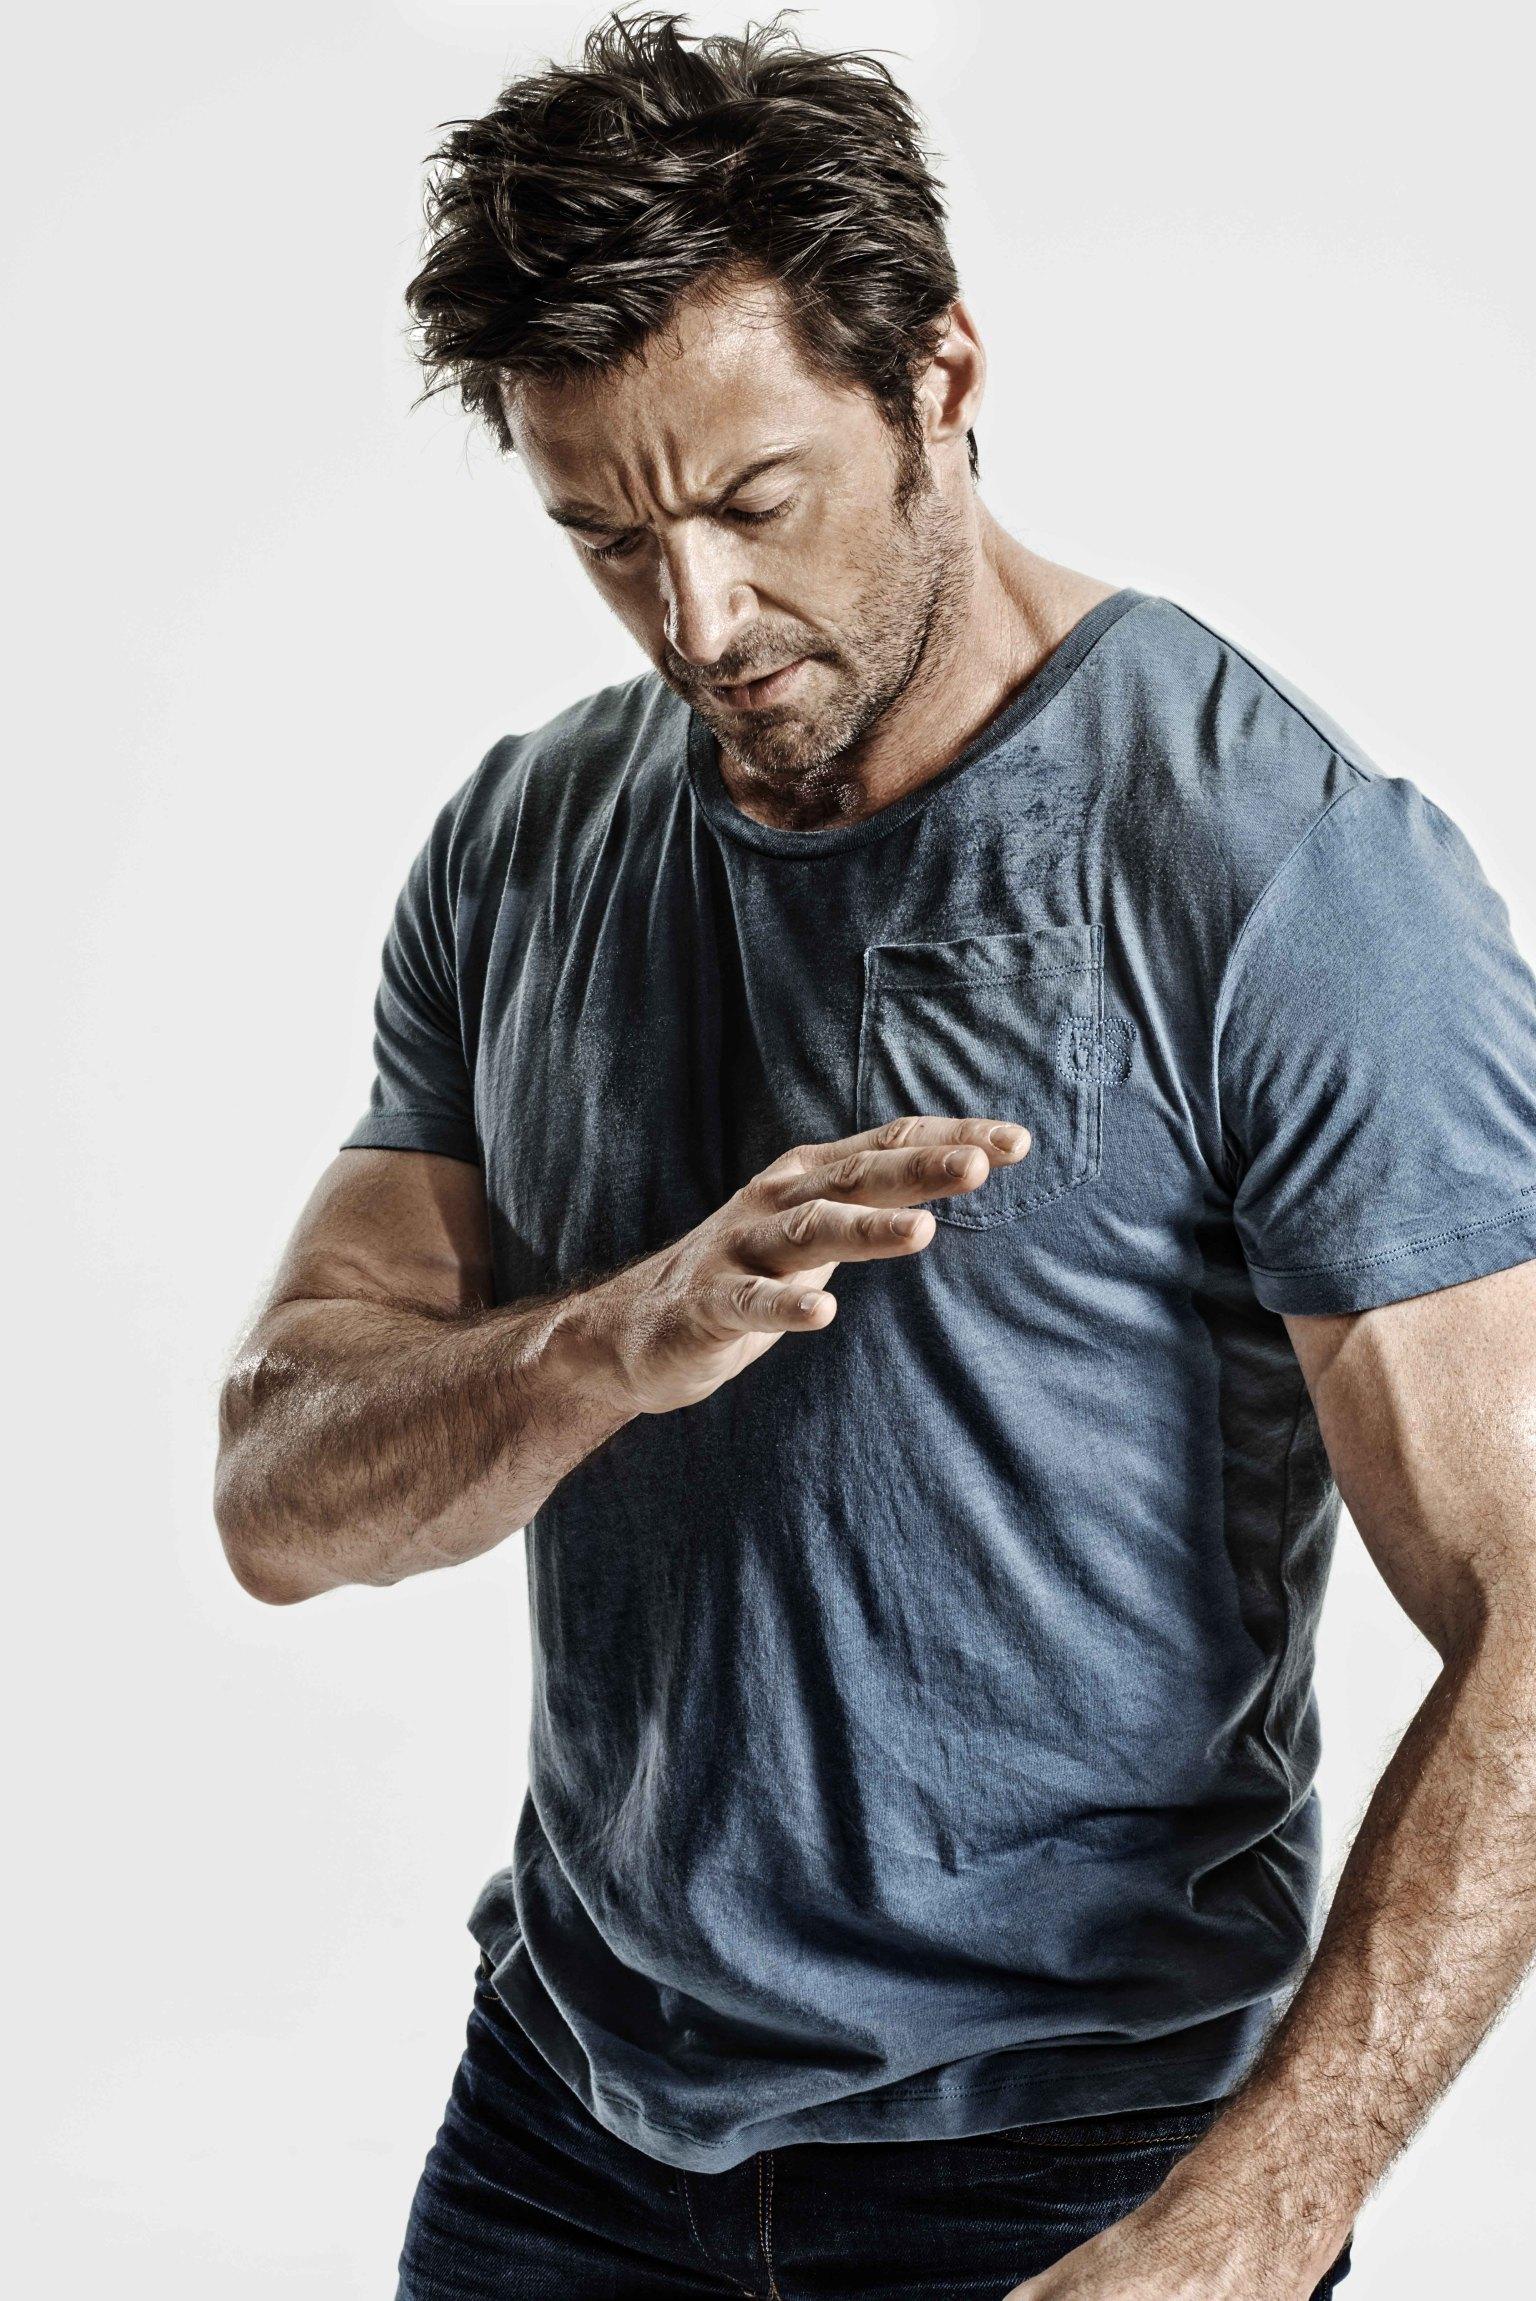 Fitness Tumblr Men Hugh Jackman Measureme...